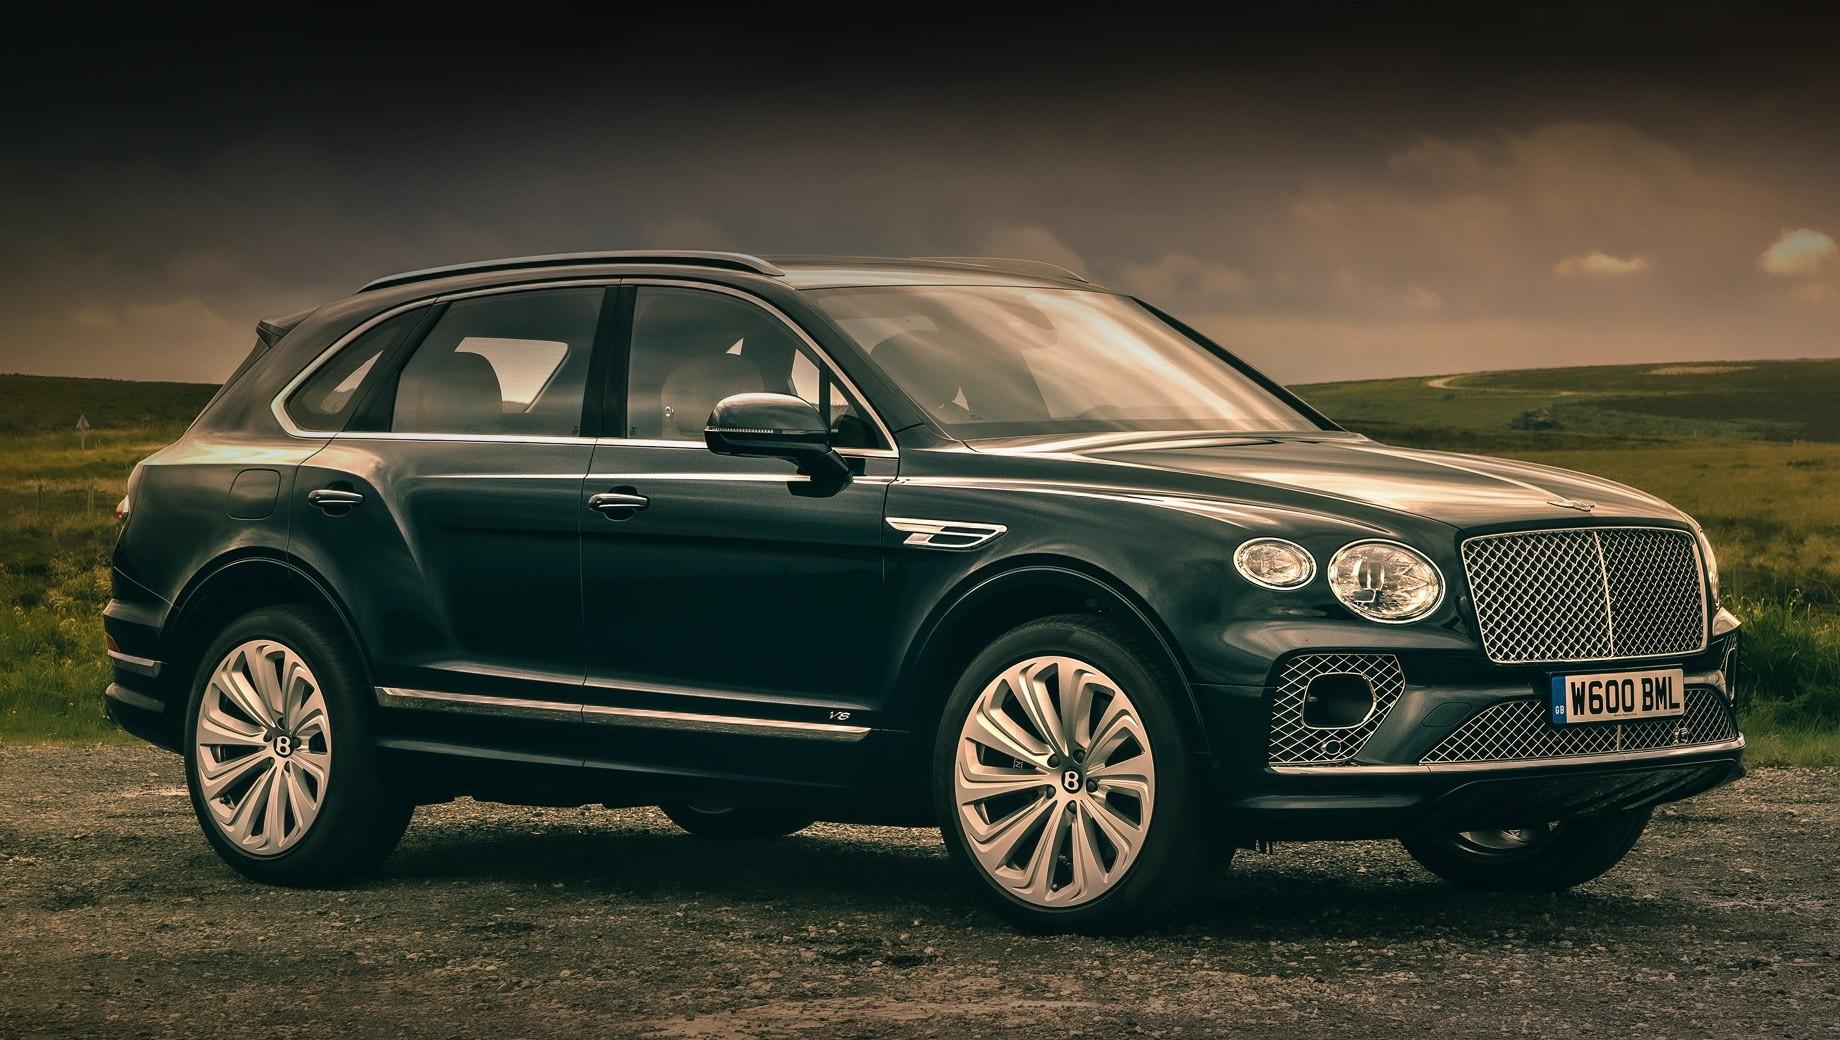 Bentley bentayga. На российском рынке у модернизированной Бентейги в гамме есть пока только бензиновый мотор V8, но позже англичане привезут 635-сильную версию Speed и, возможно, дизельное исполнение, которое больше не предлагают европейцам. Также ждёт рестайлинга Bentayga Hybrid.